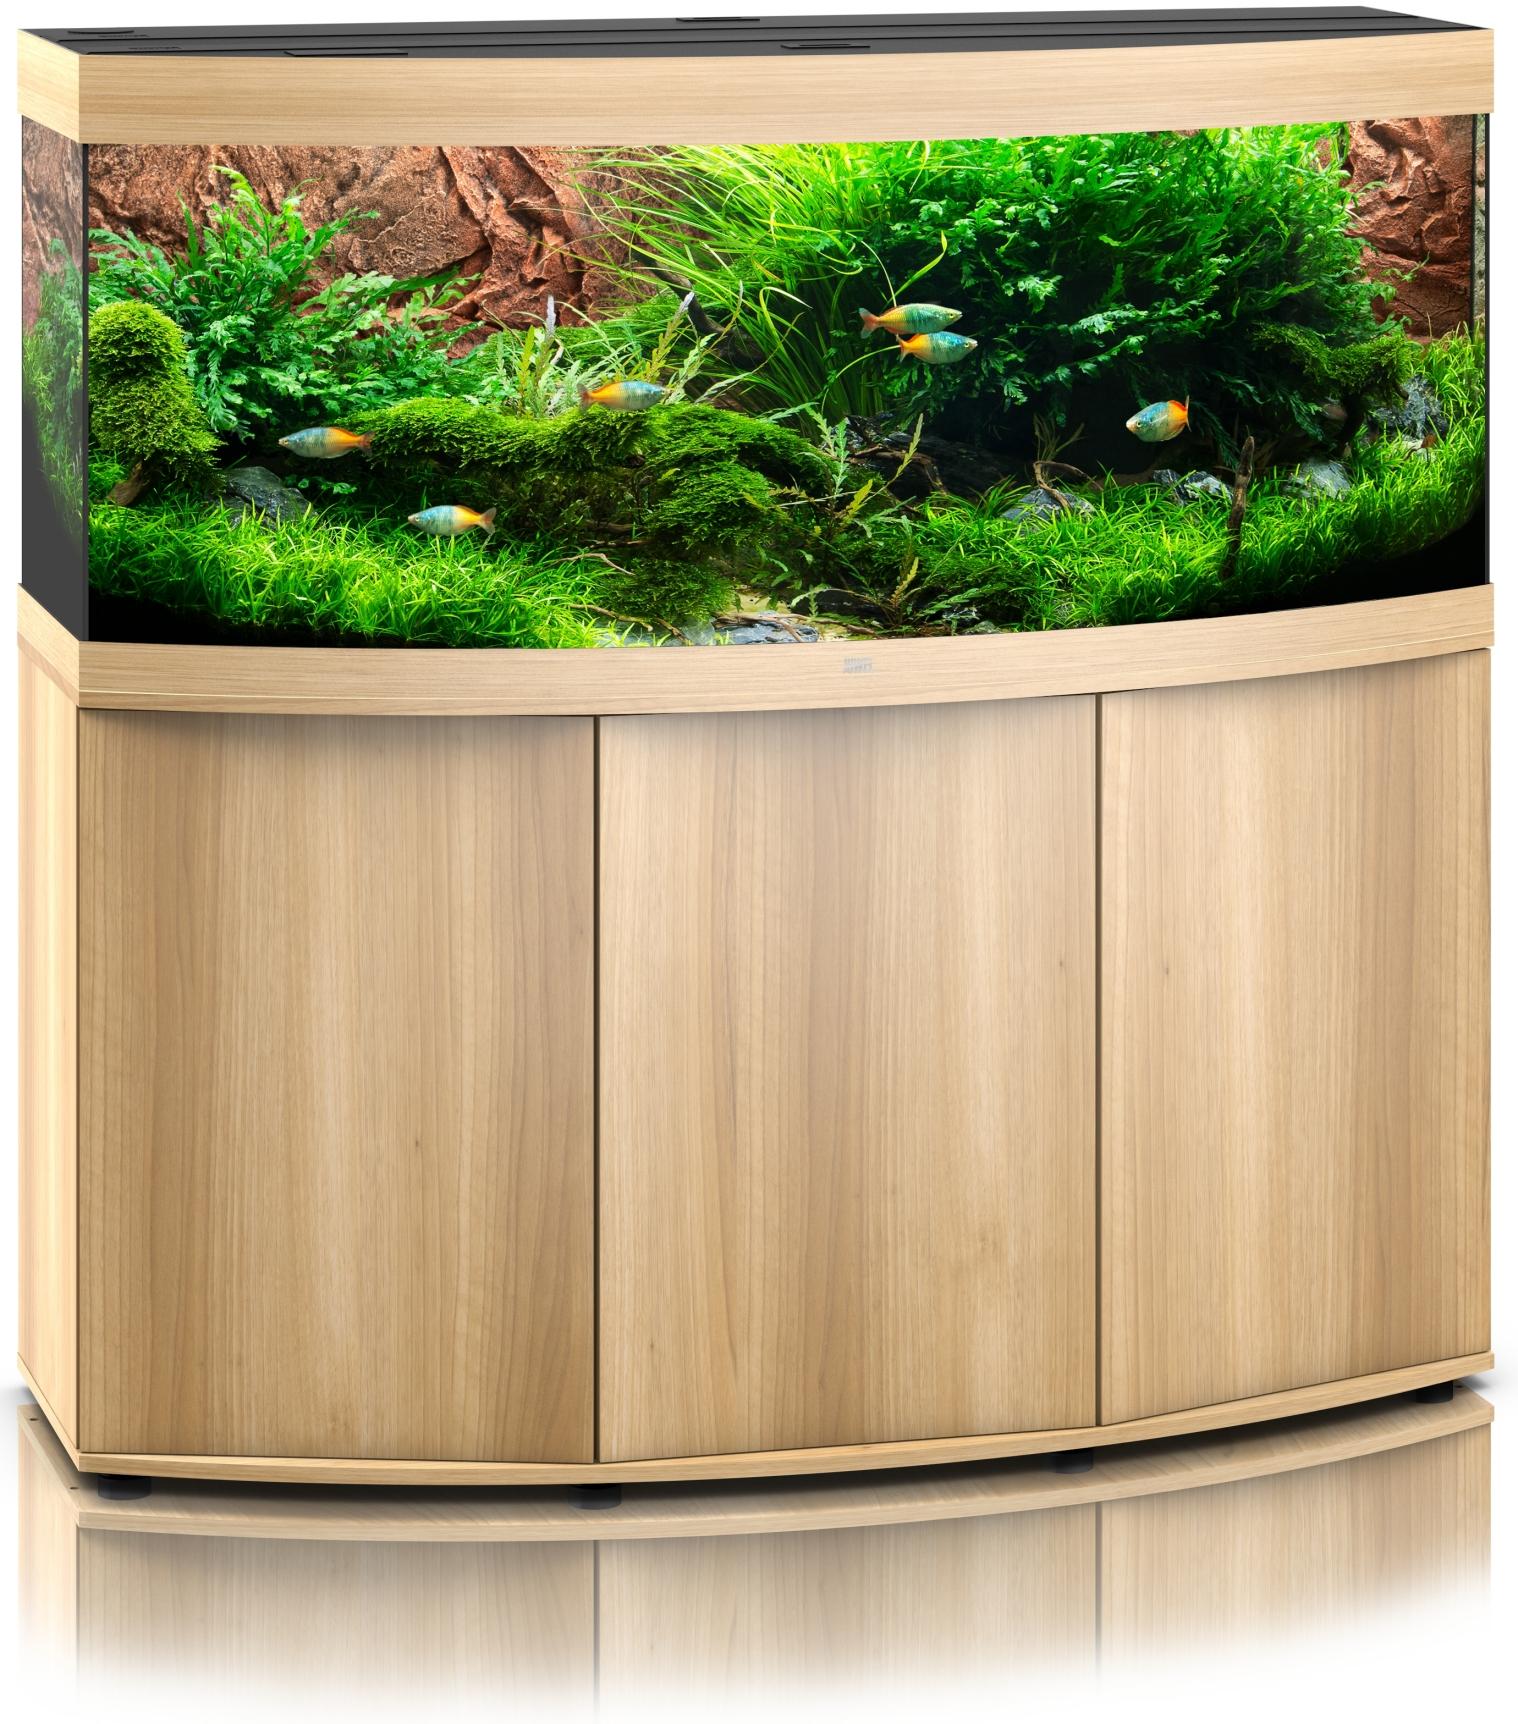 juwel vision 450 led schwarz helles holz dunkles holz wei. Black Bedroom Furniture Sets. Home Design Ideas